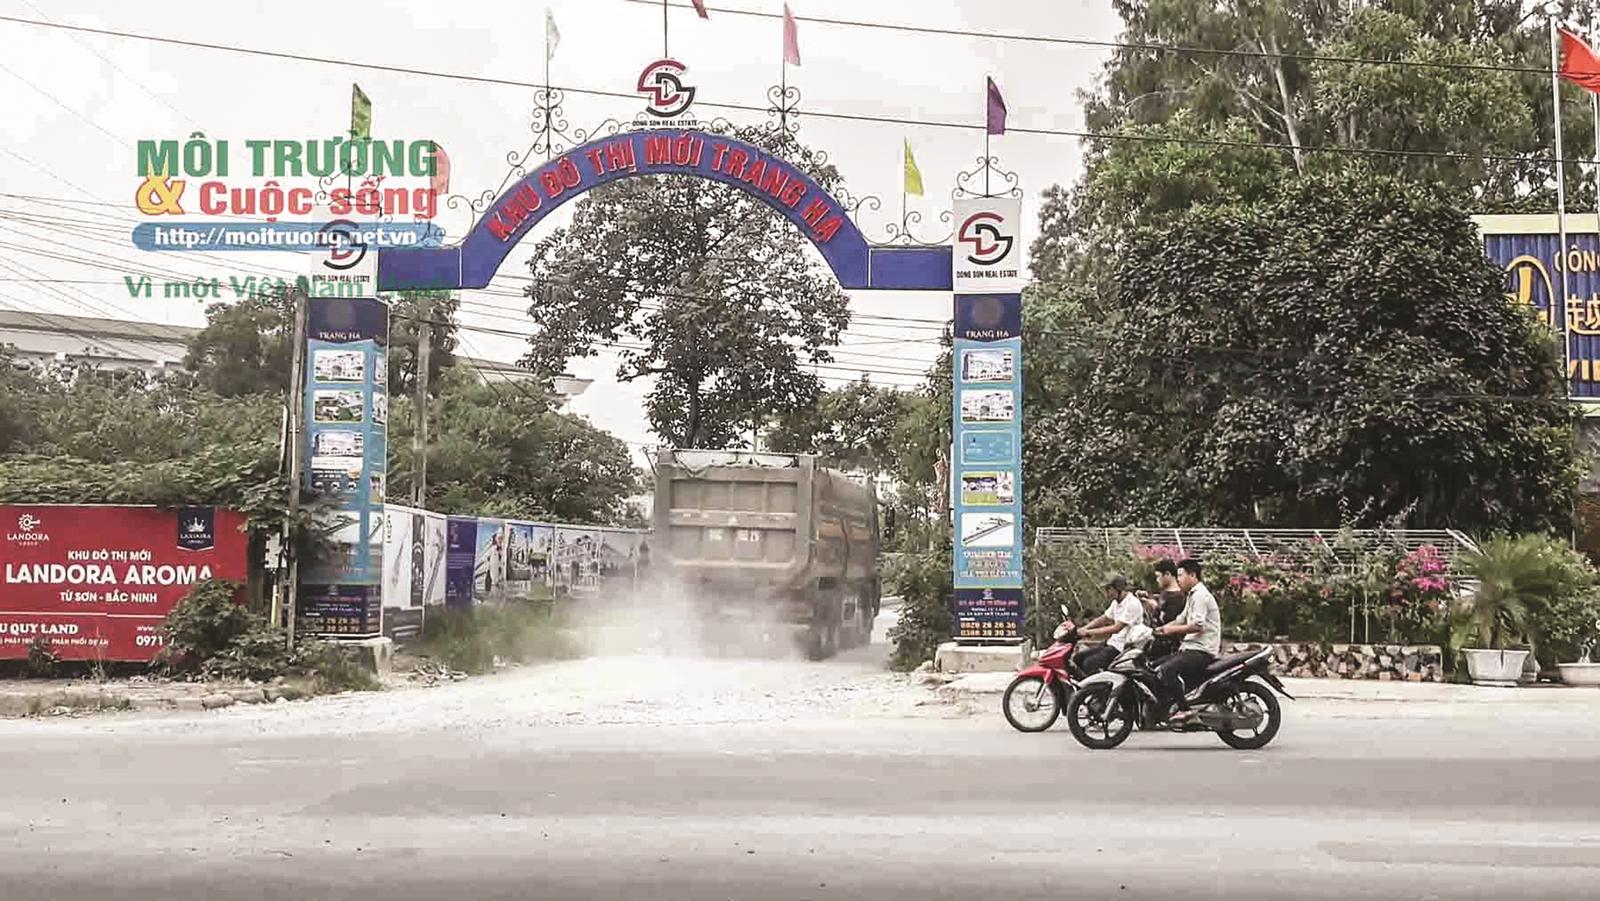 Bắc Ninh: Chấn chỉnh vi phạm chất lượng công trình xây dựng